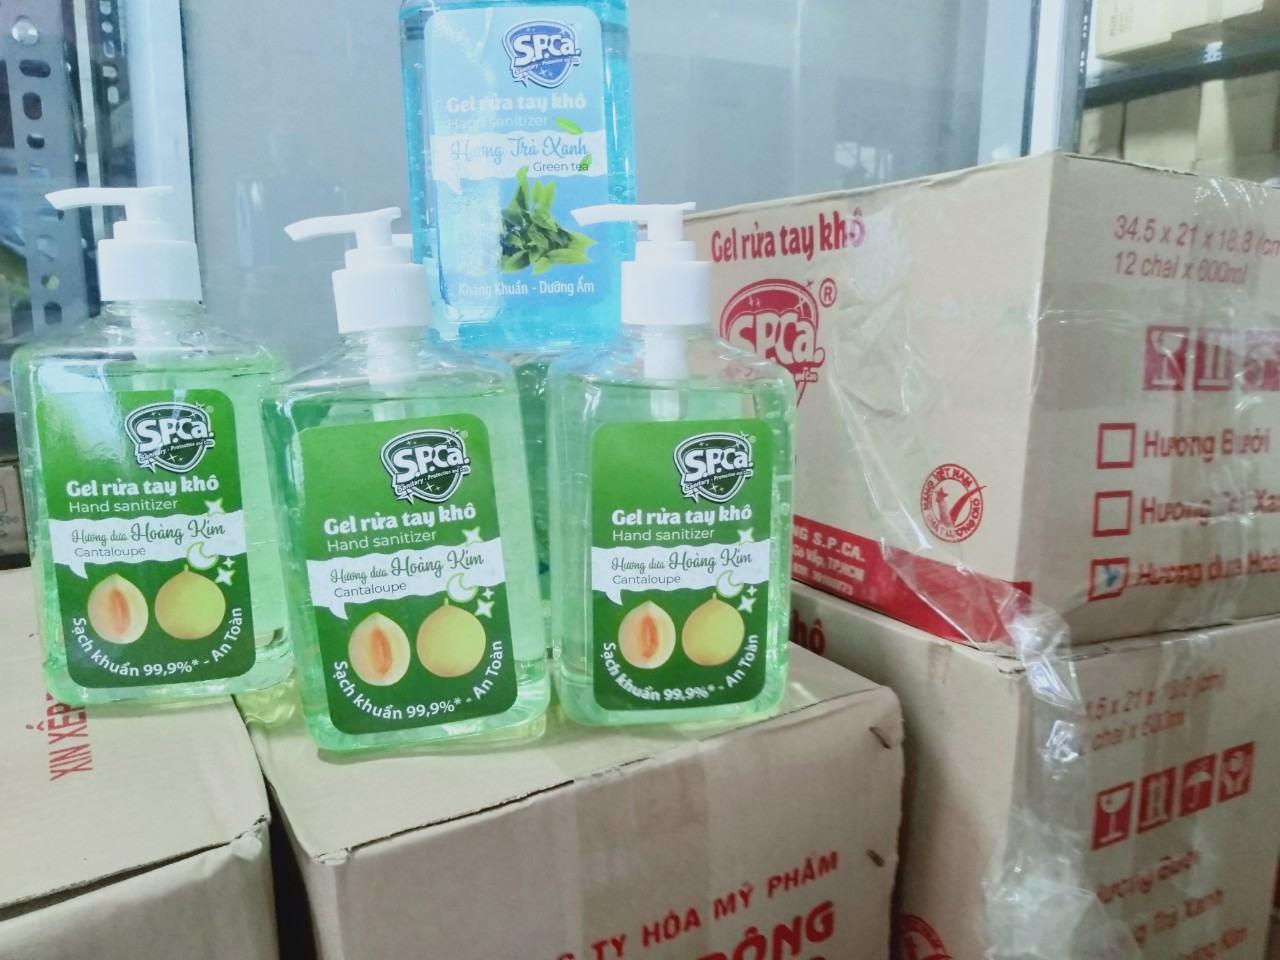 Sỉ lẻ Gel rửa tay khô chính hãng giá tận gốc nhà máy